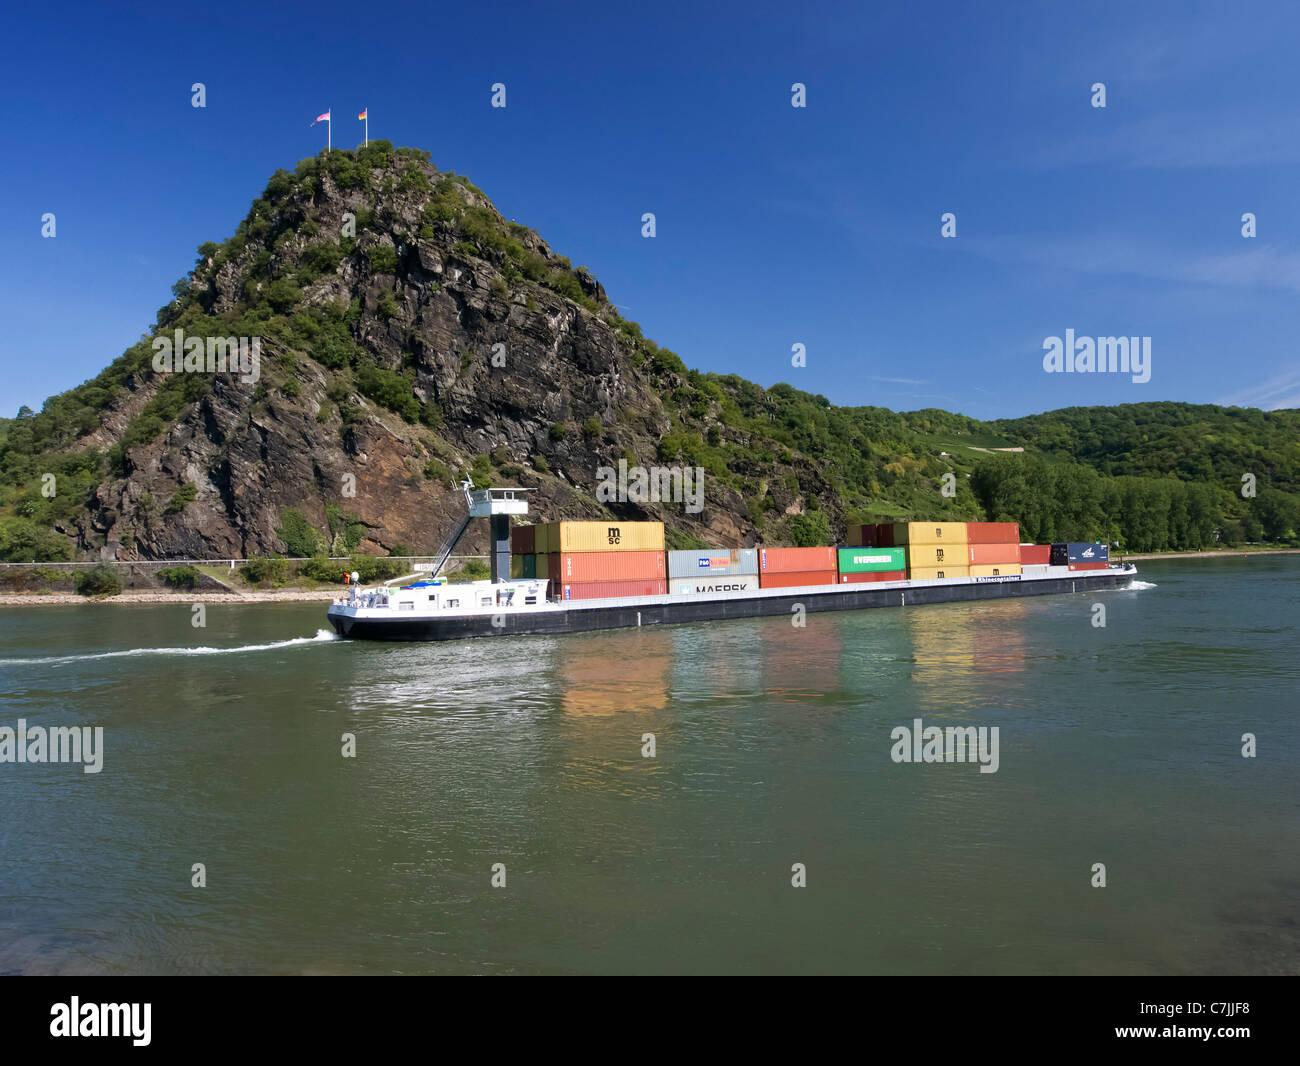 Schiffscontainer Größe große schiff container fracht tragen übergibt loreley felsen am